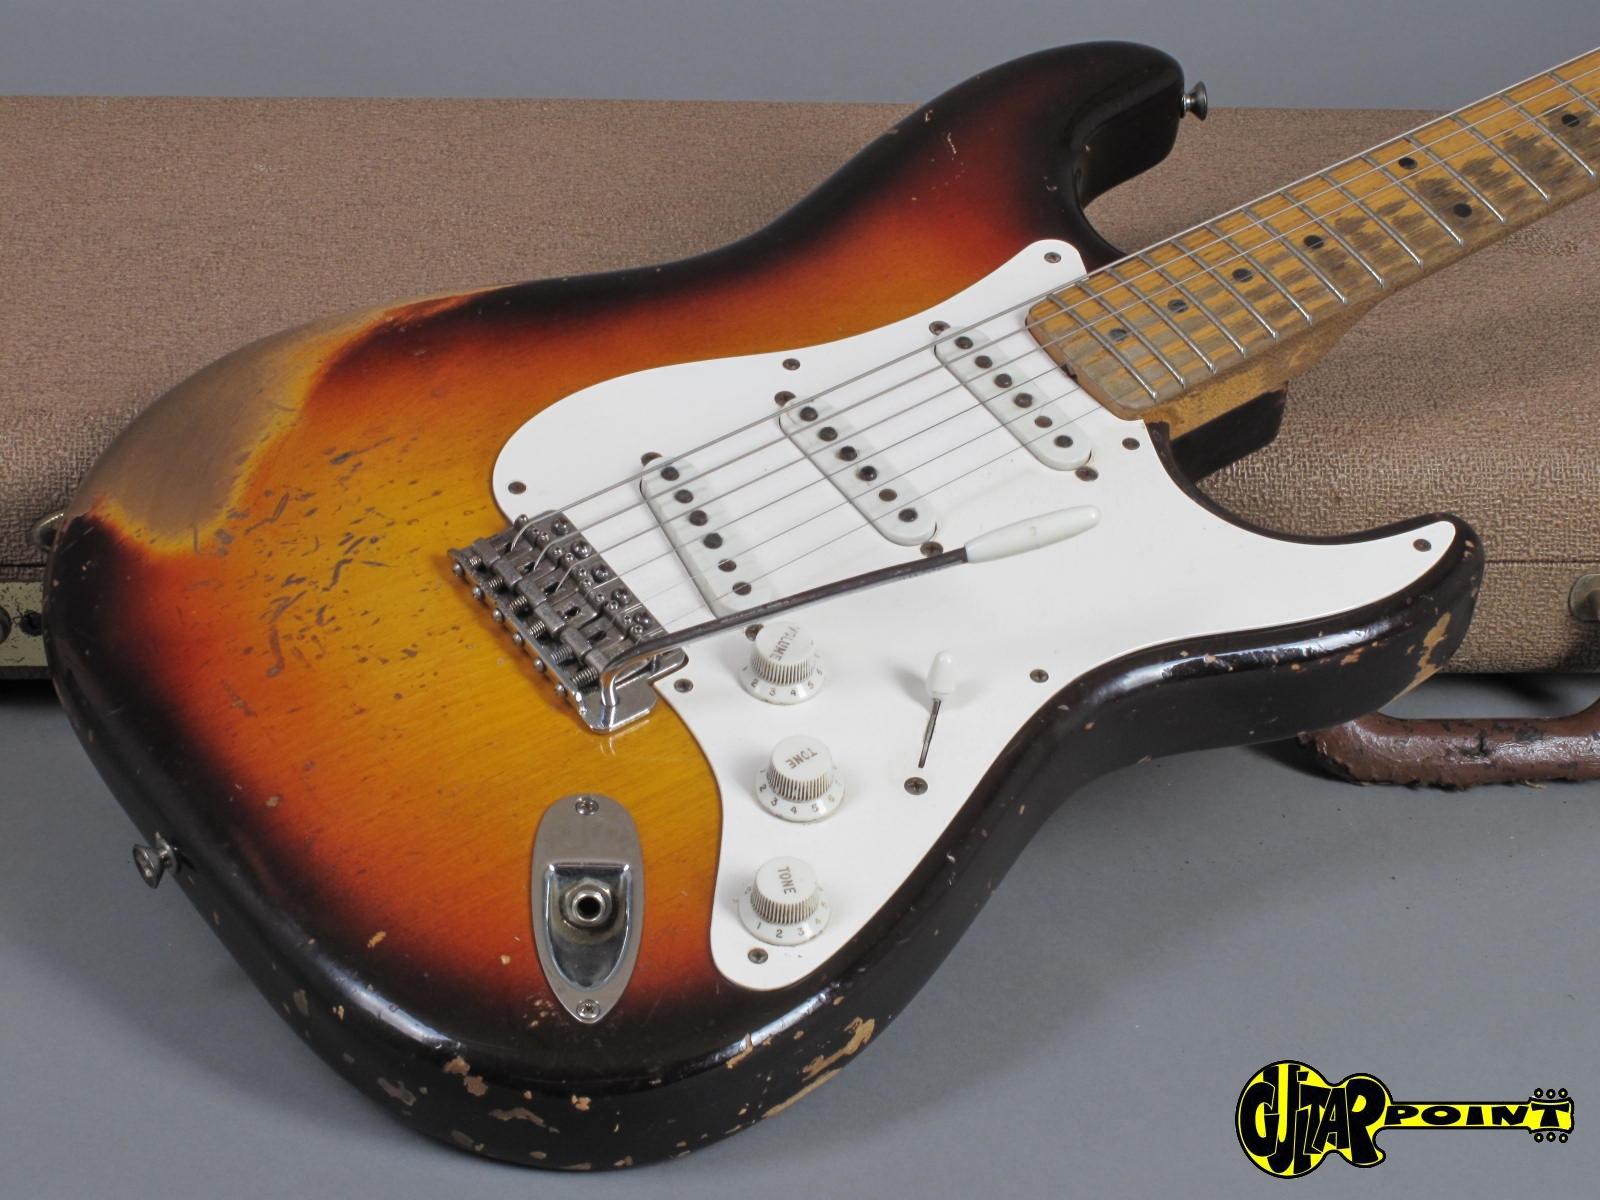 Fender Stratocaster Neck >> 1959 Fender Stratocaster 3 Tone Sunburst Maple Neck